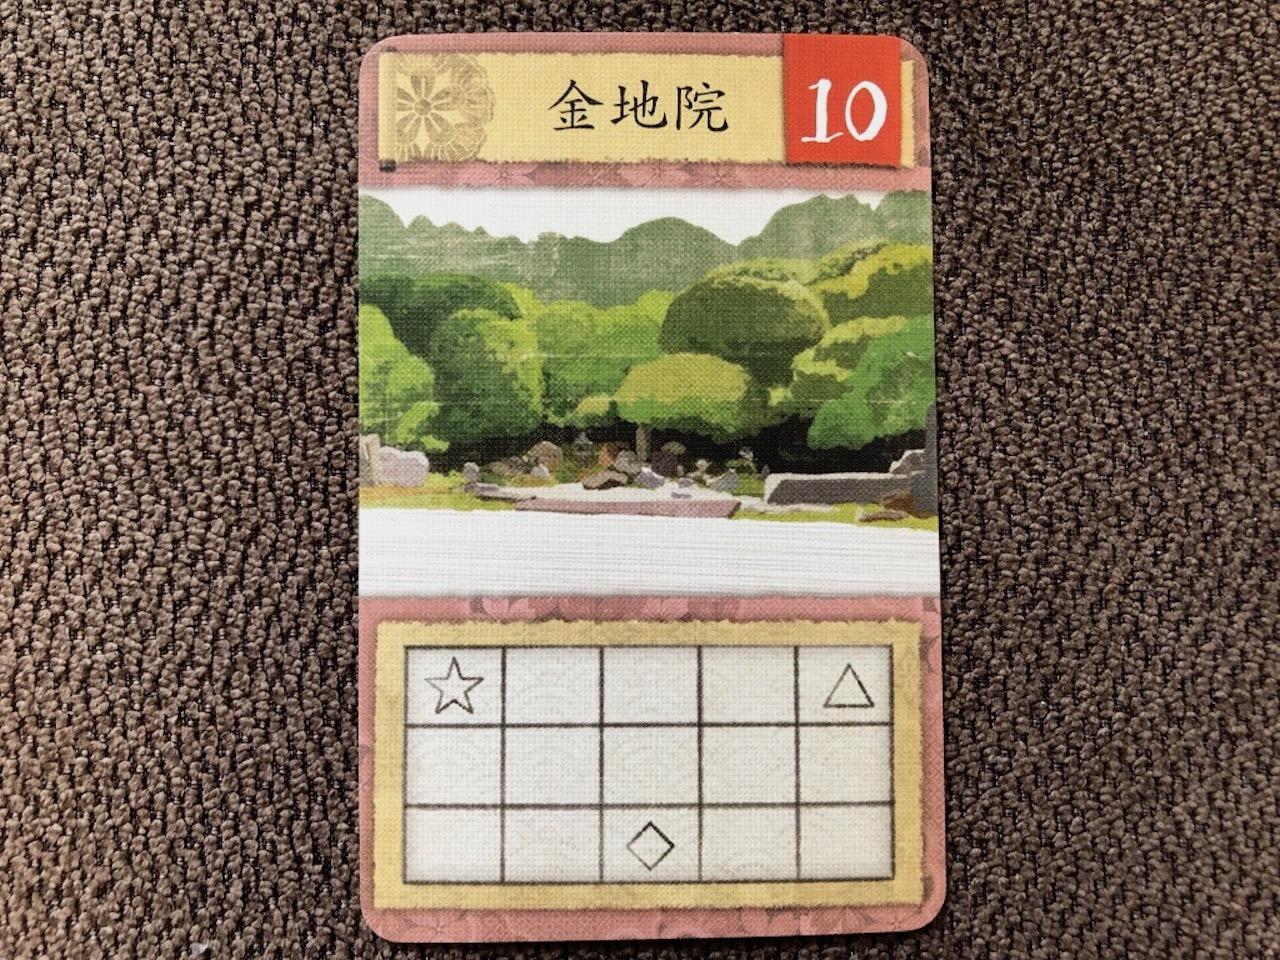 「金地院」の名庭園カード(10点)